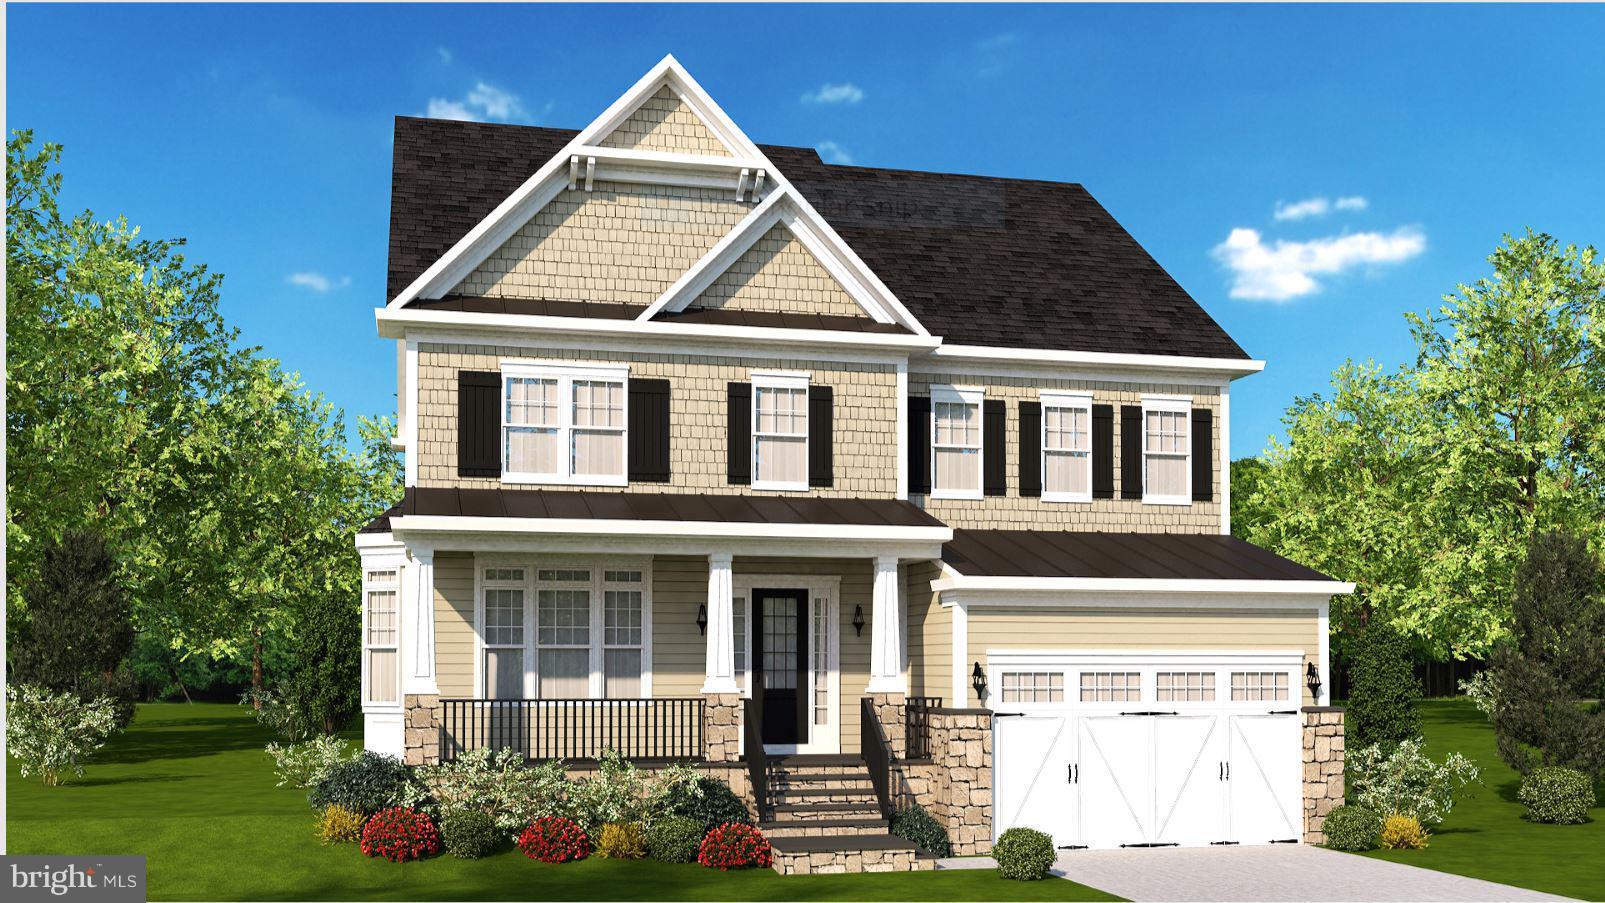 1734 FAIRVIEW AVENUE, MCLEAN, VA 22101